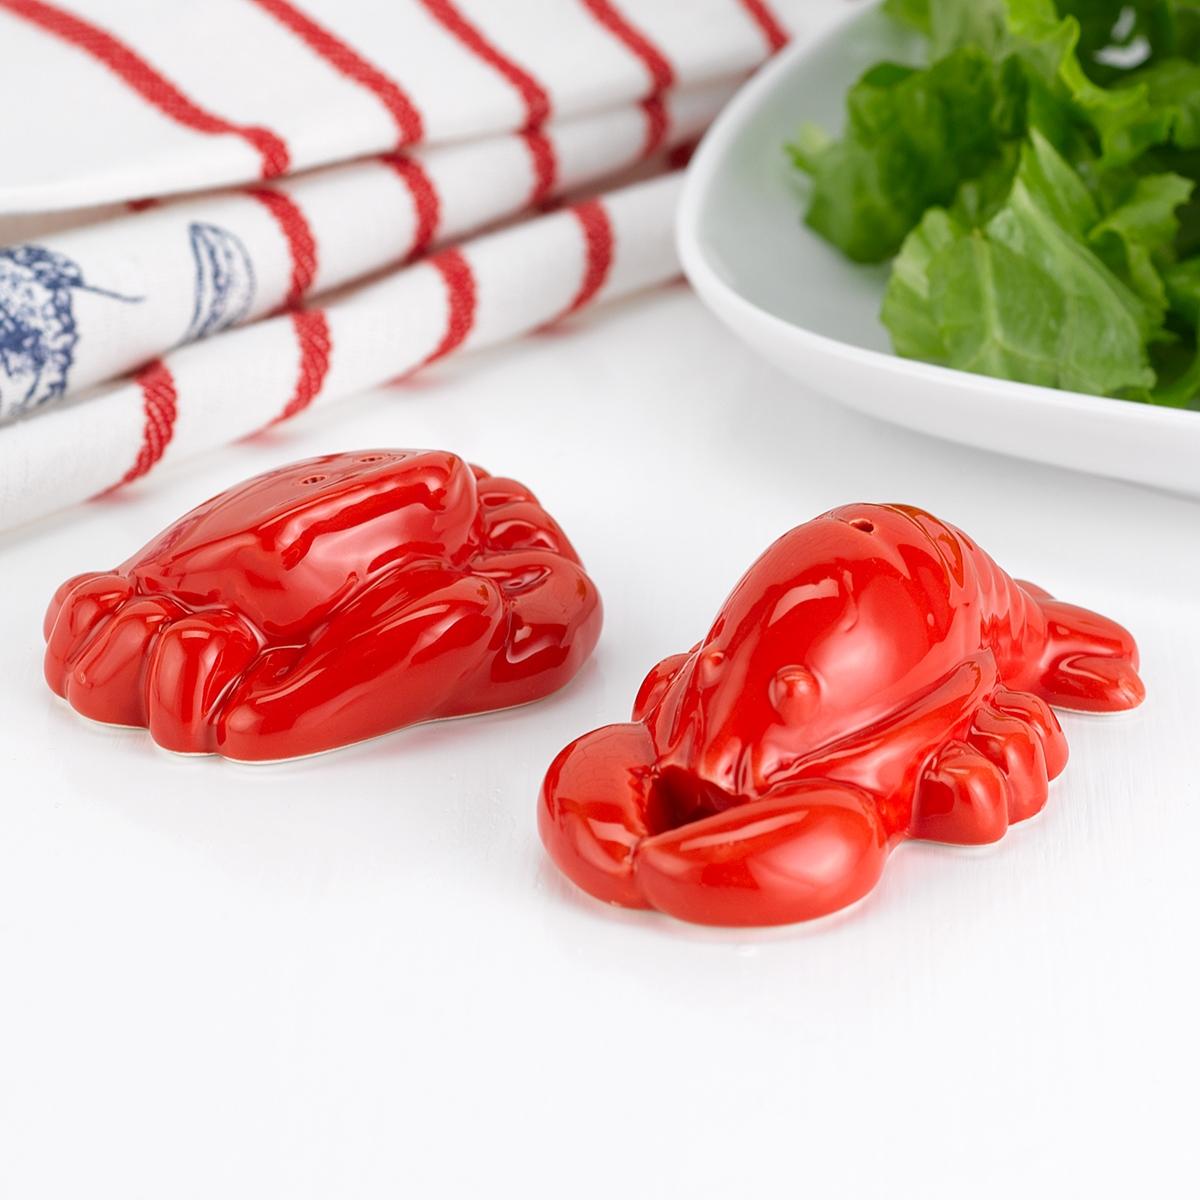 Crab & Lobster Shaker Set